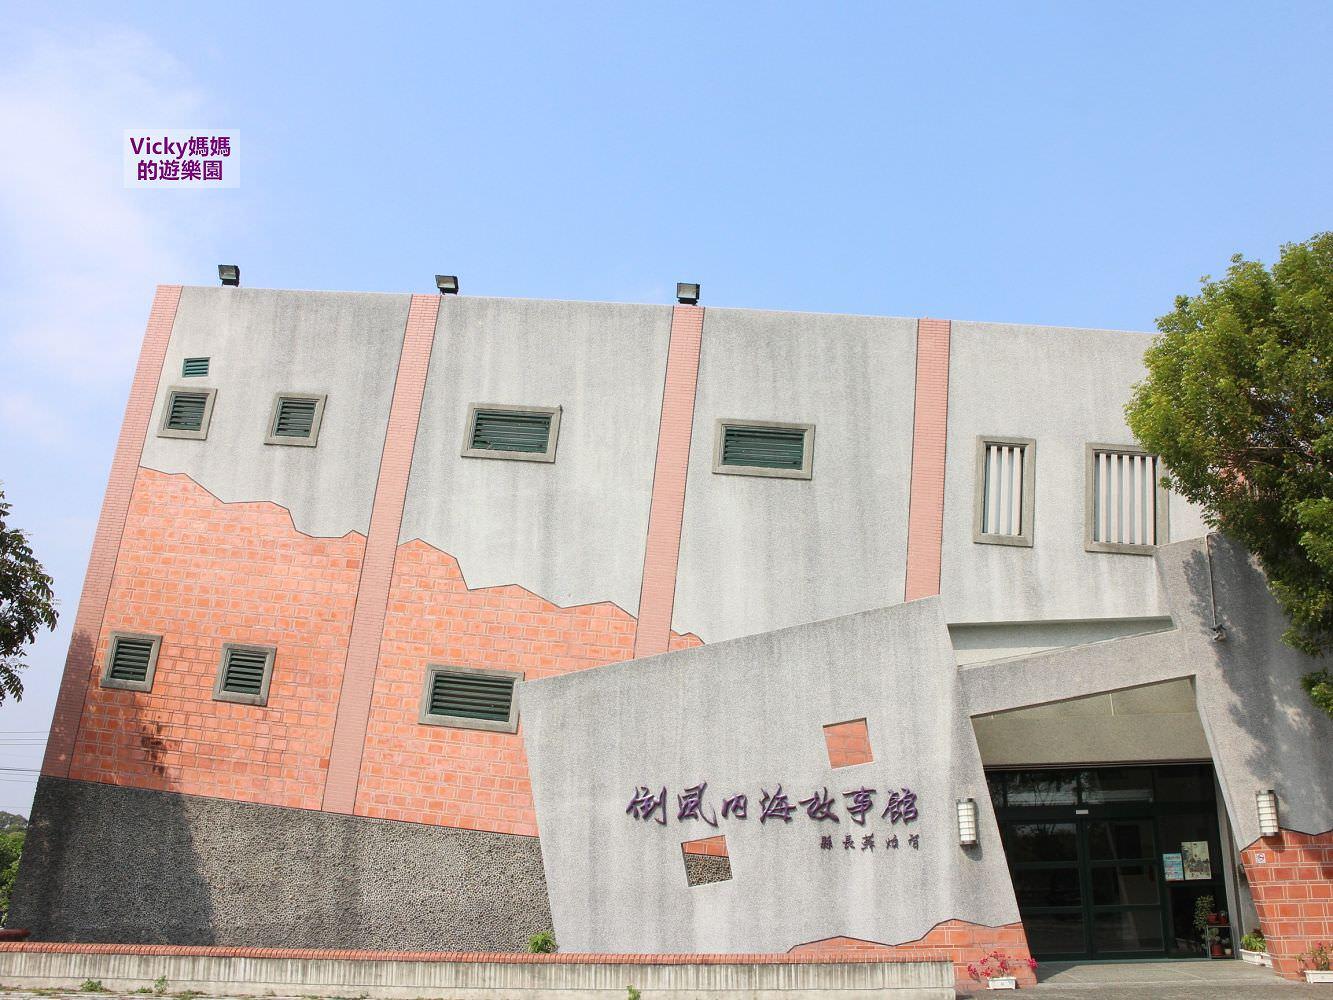 台南旅遊景點︱麻豆倒風內海故事館:免門票看展、踏青、賞柚